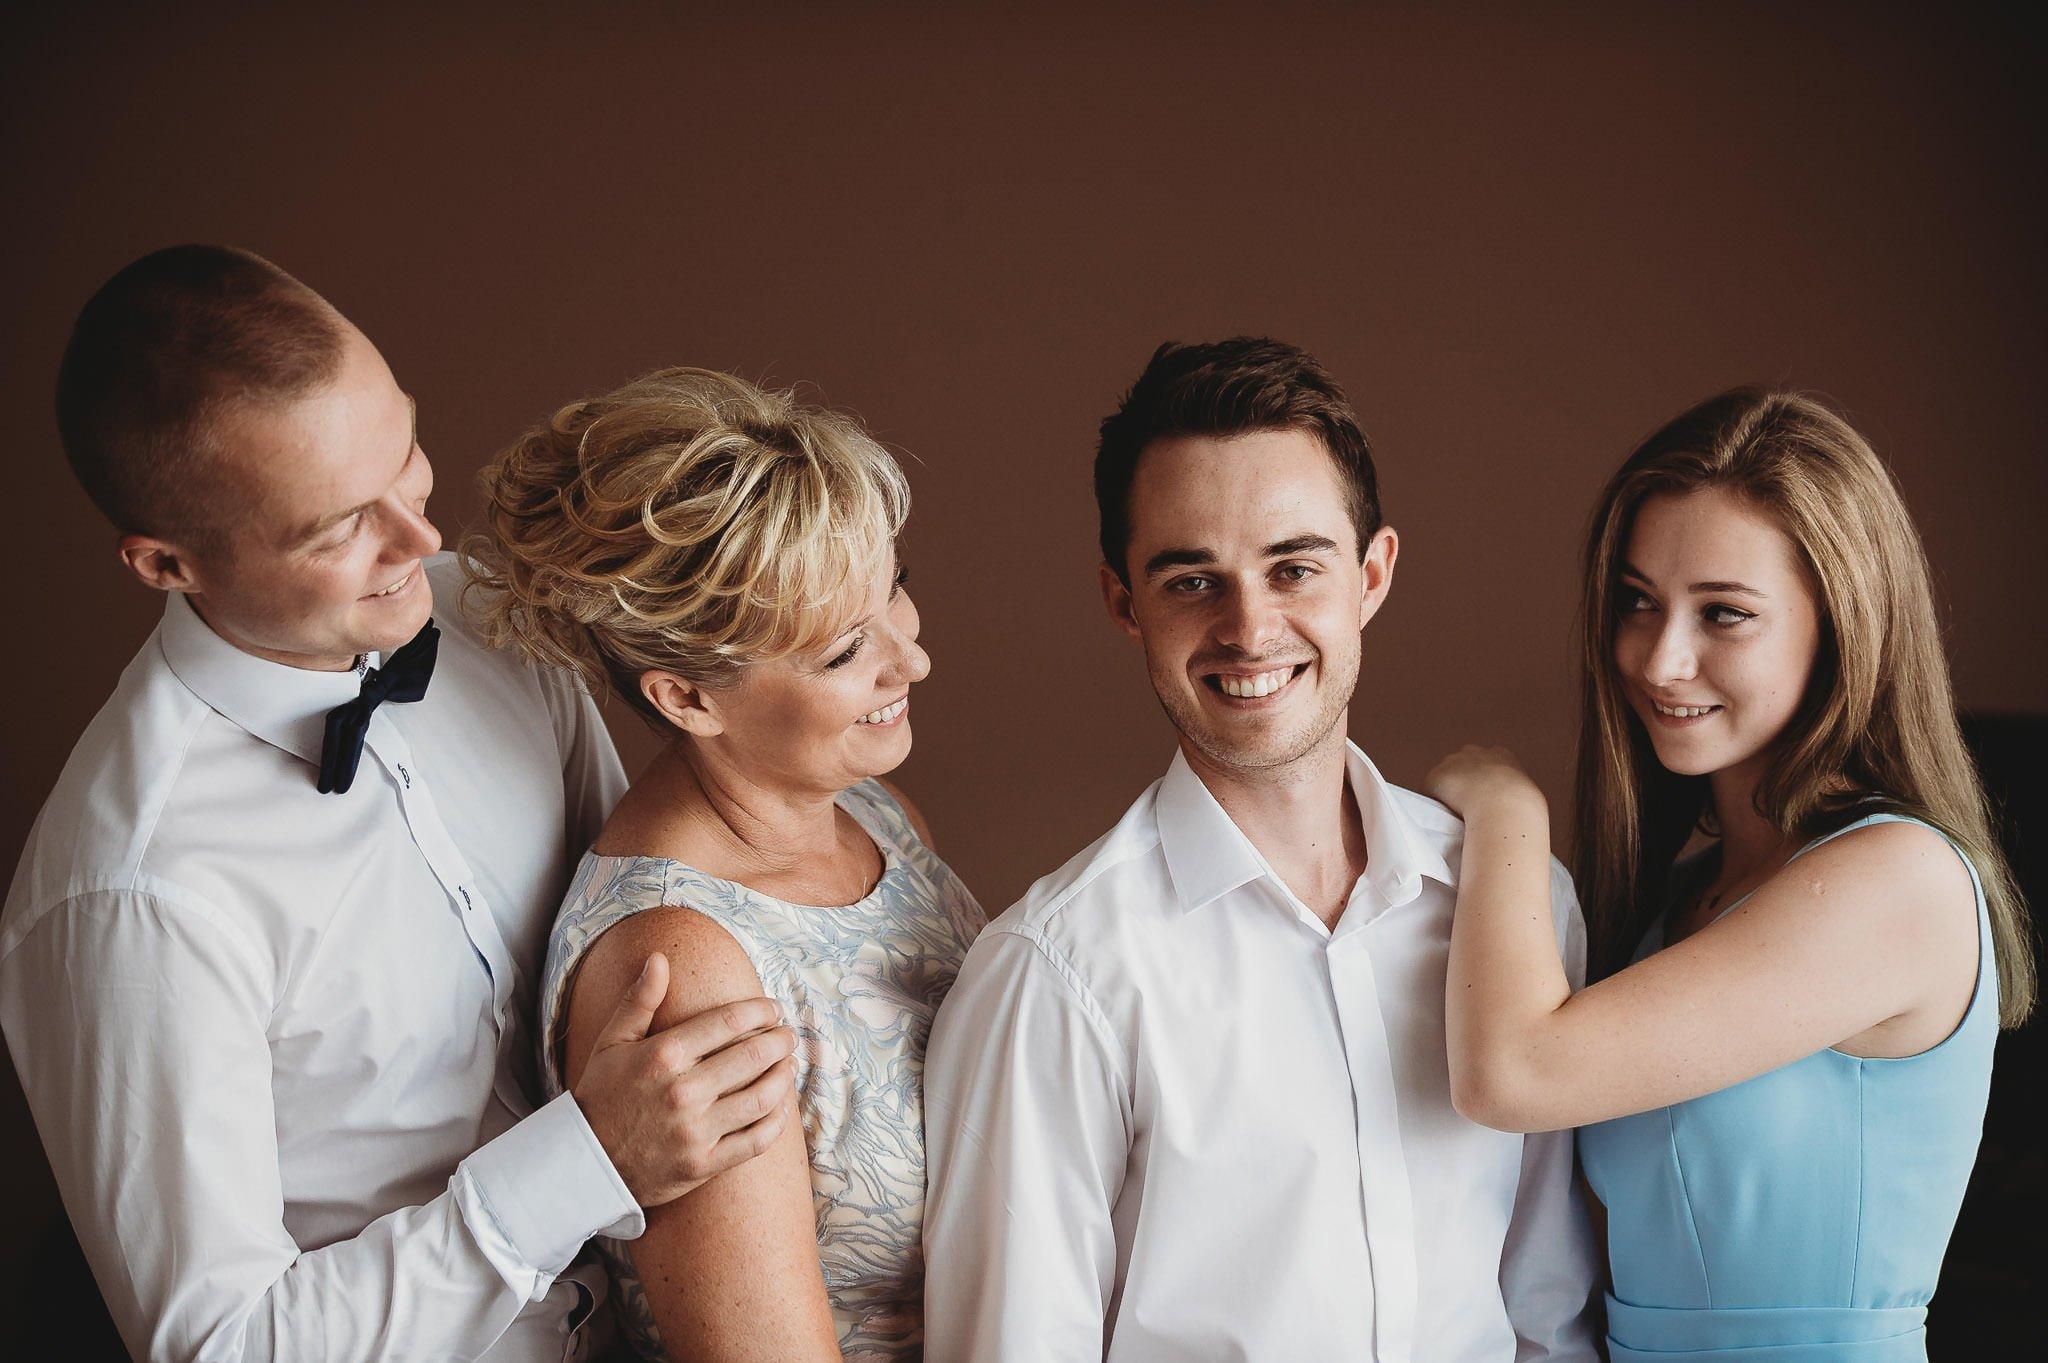 zdjęcia ślubne z rodziną, pozowane